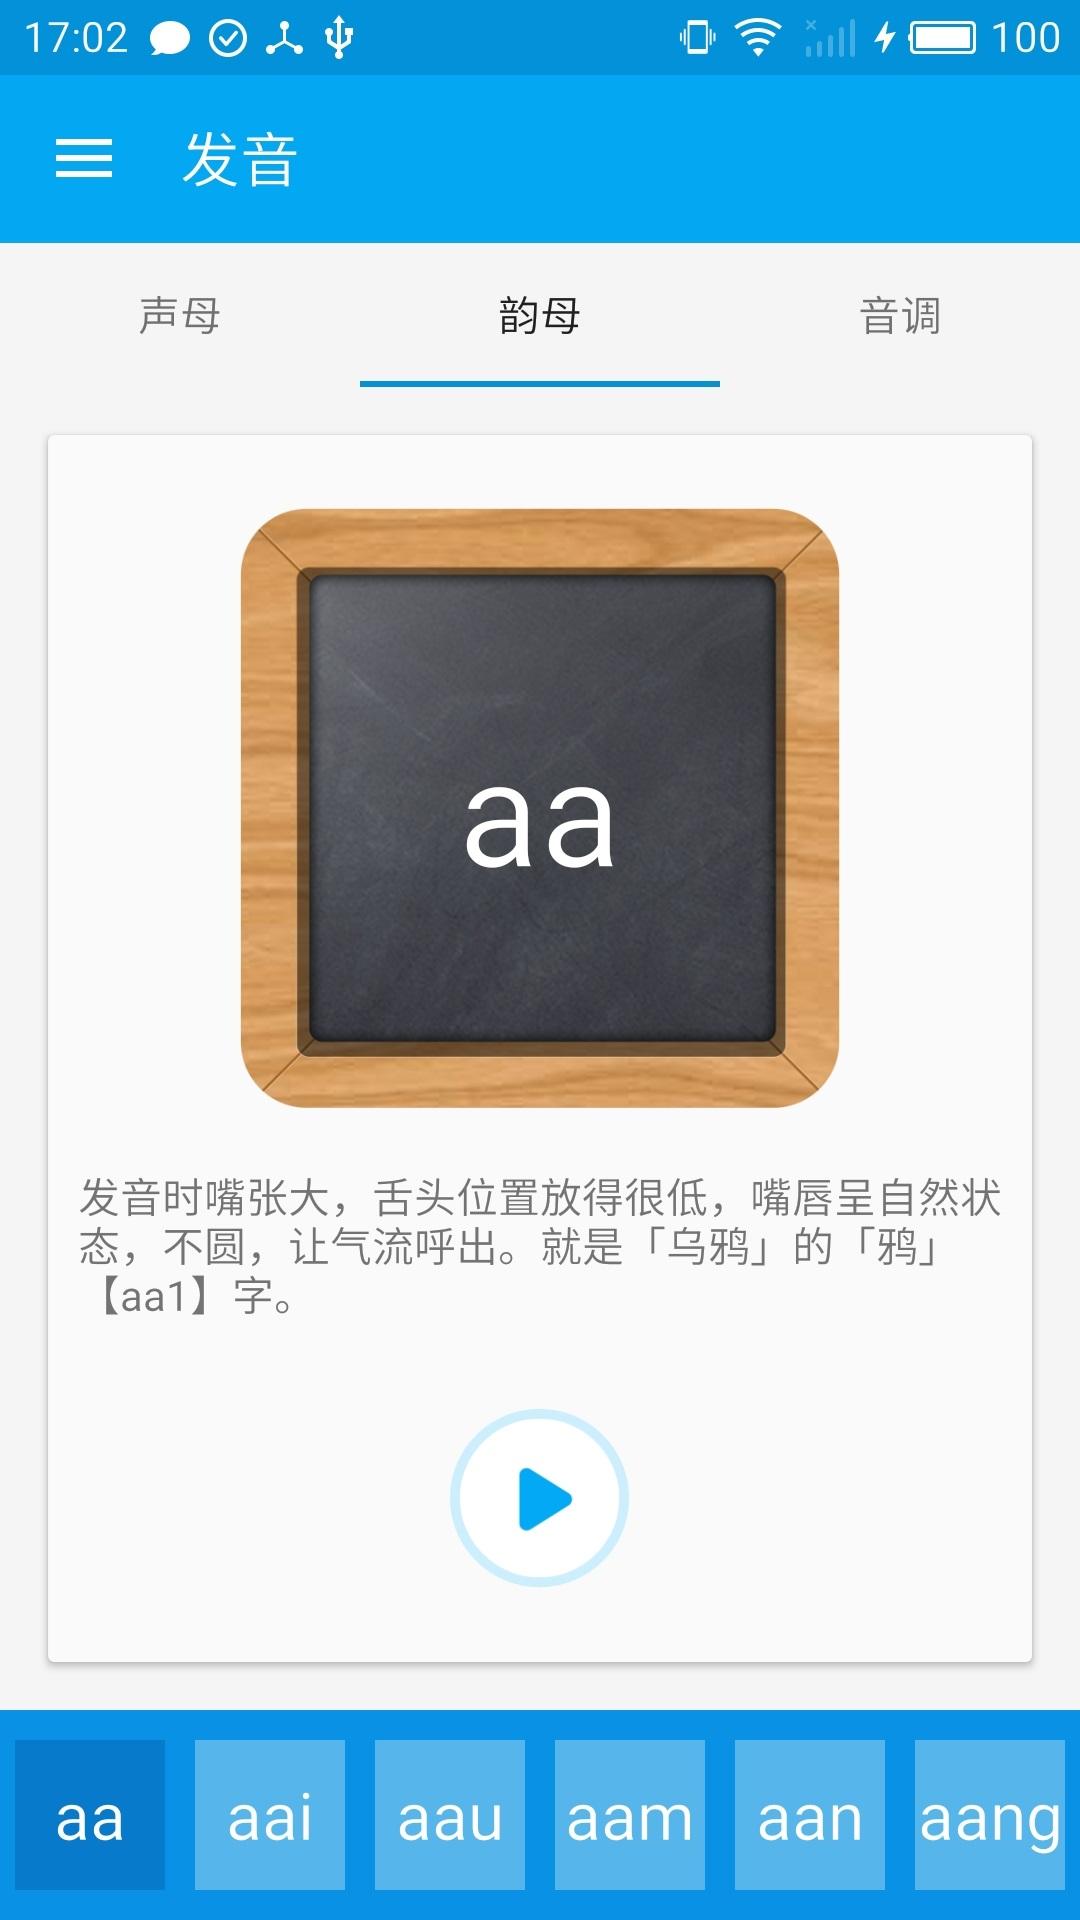 基础粤语教学 APP截图